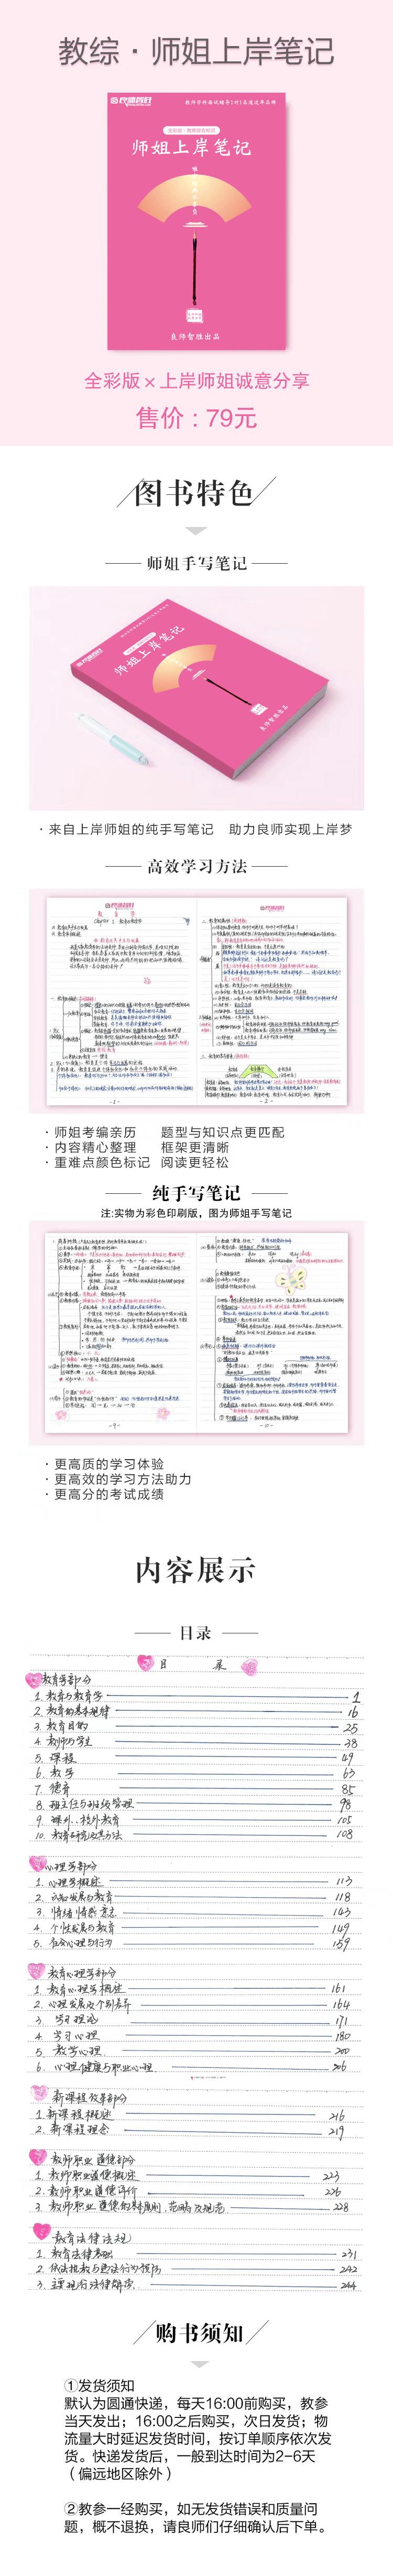 师姐笔记详情介绍.png